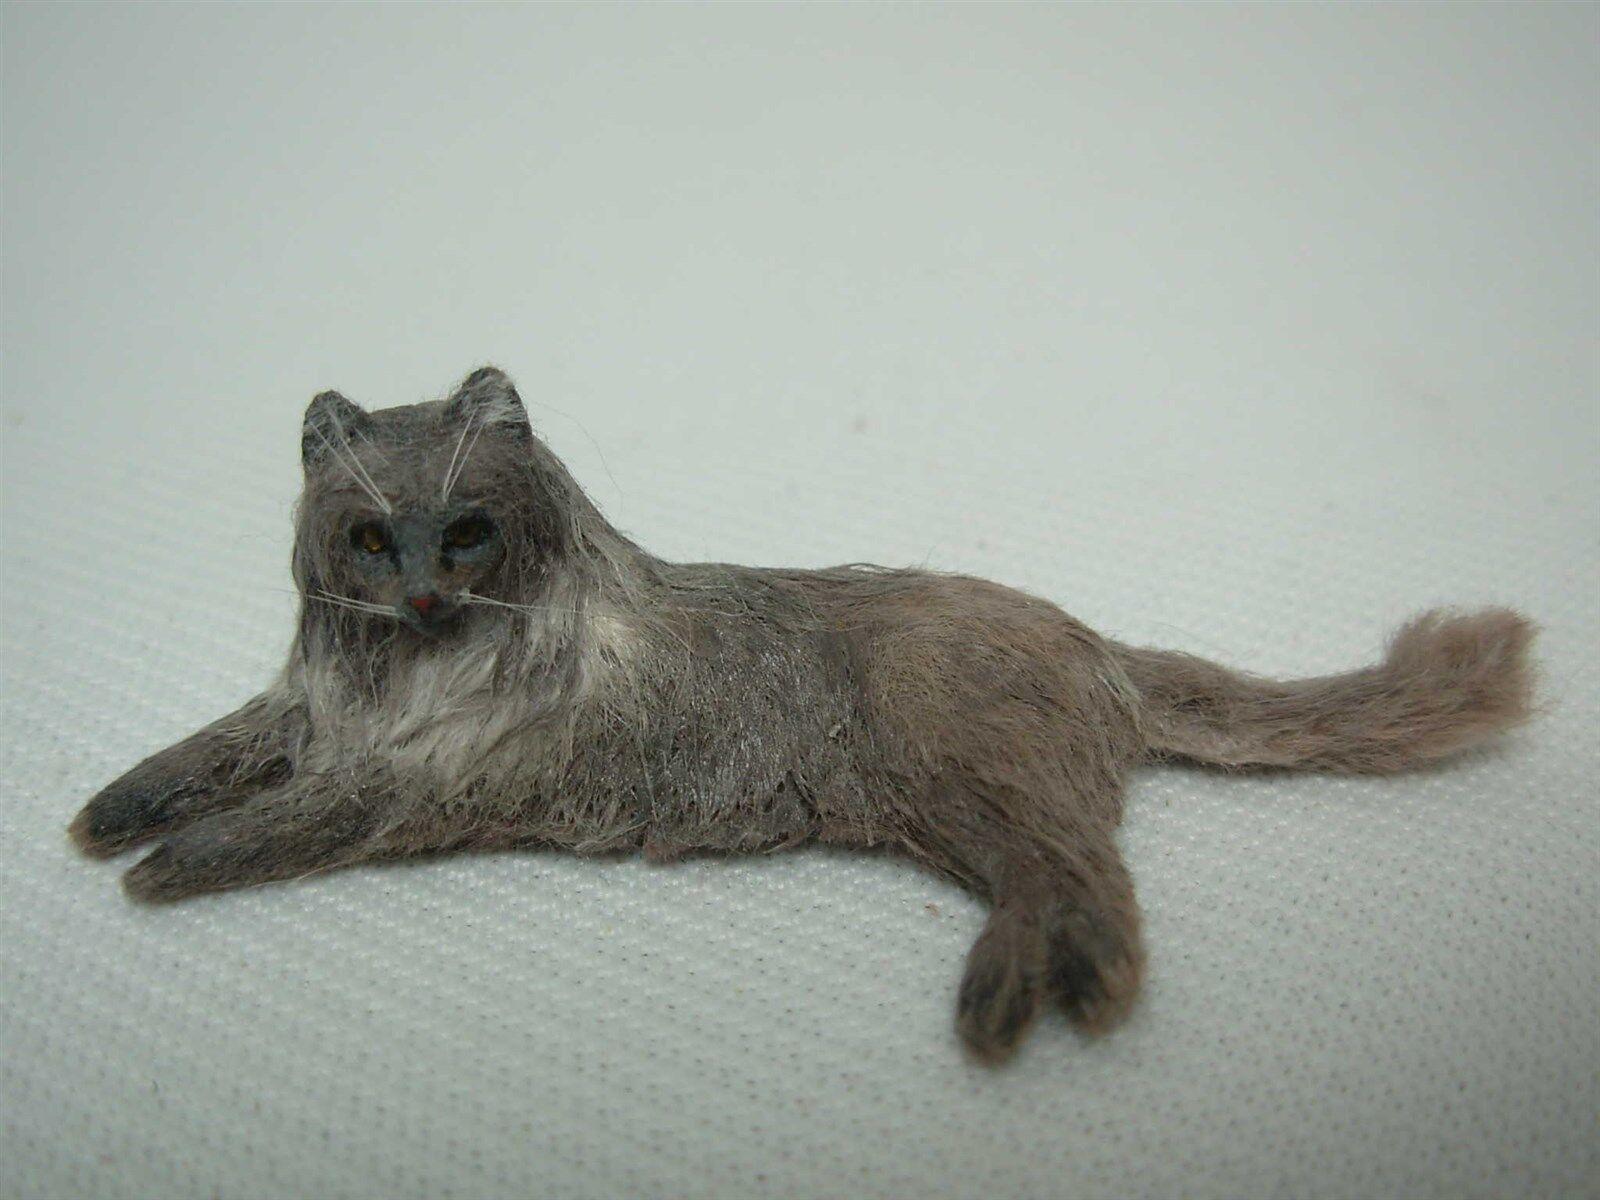 OOAK artesano de Casa de muñecas en miniatura realista Piel real que se establecen Persian Cat